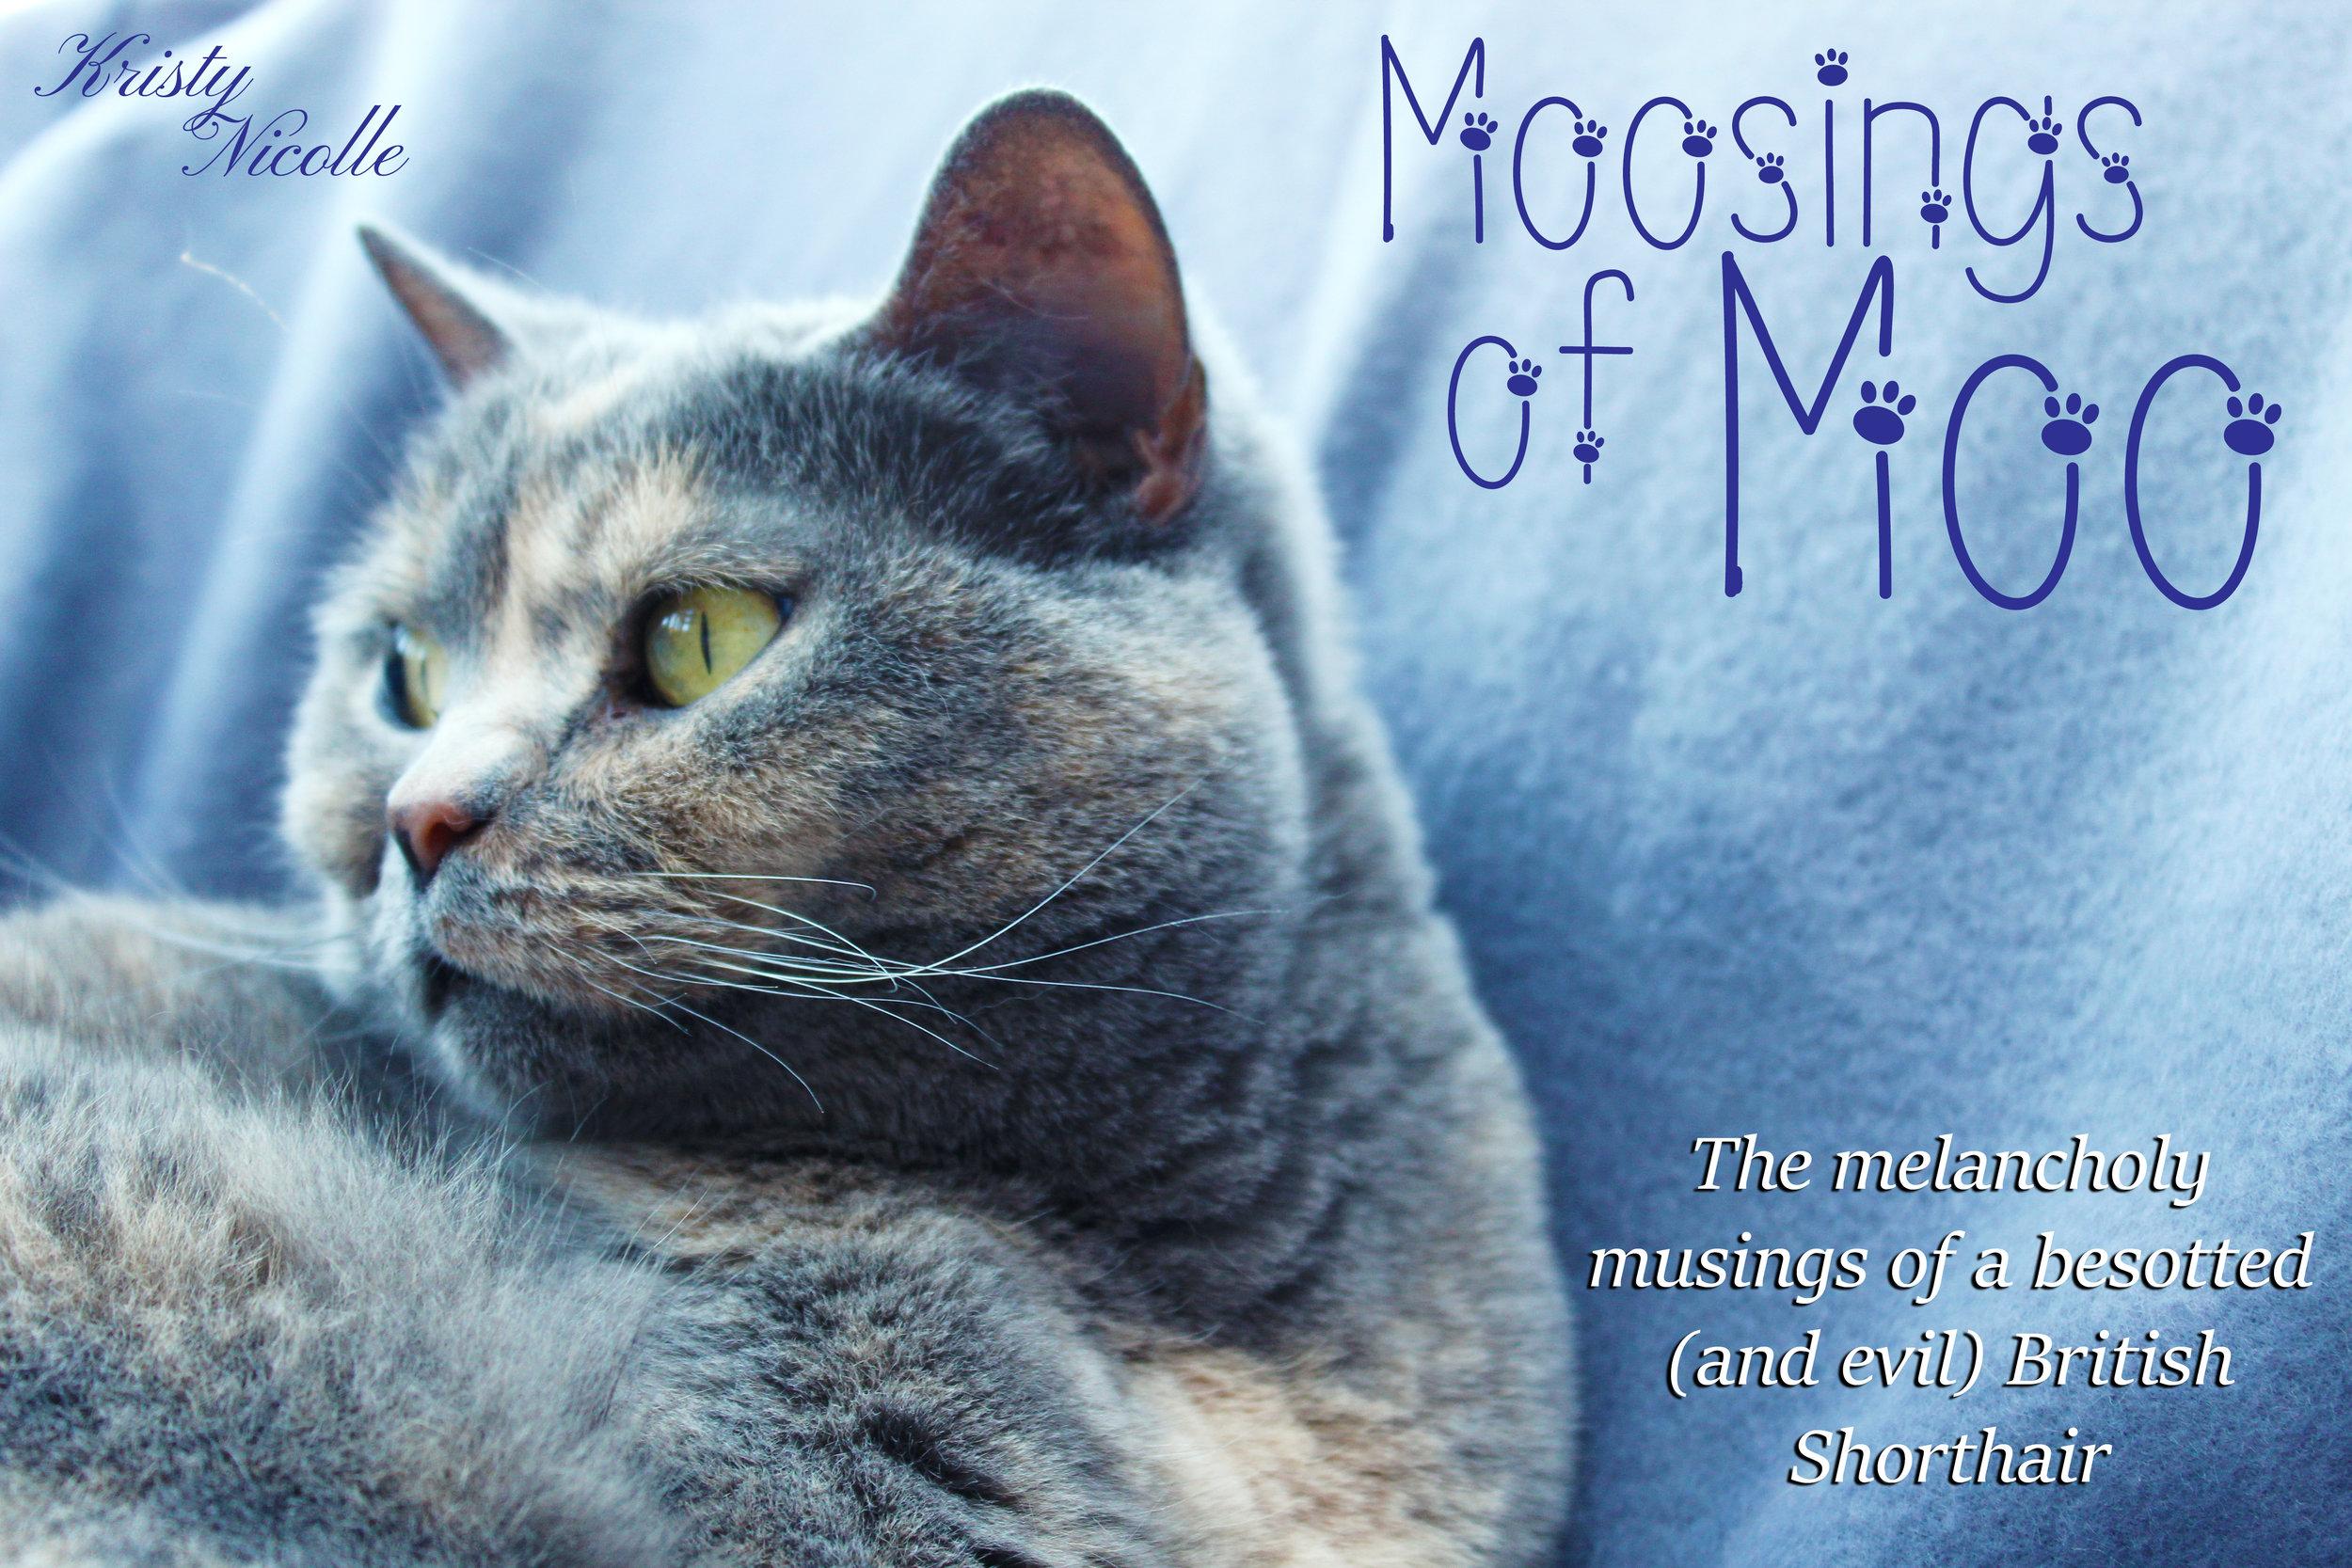 MOOSING OF MOO BANNER.jpg